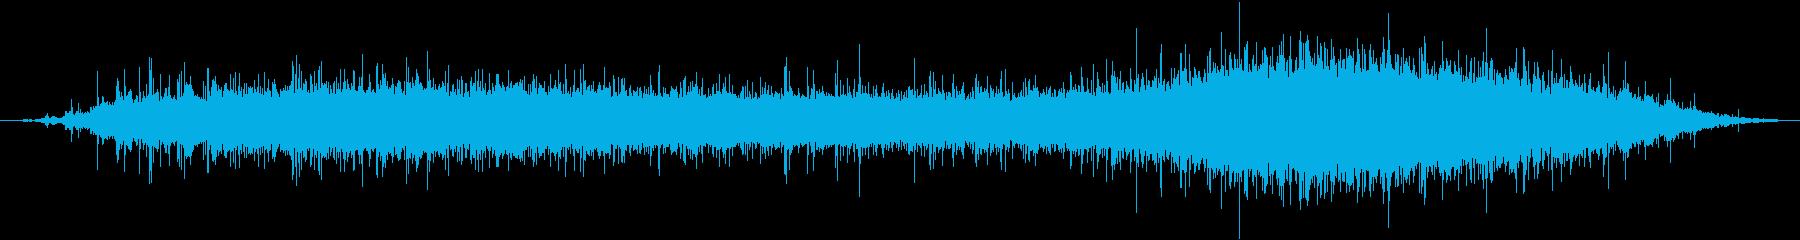 大規模な屋内観客:クラシックコンサ...の再生済みの波形